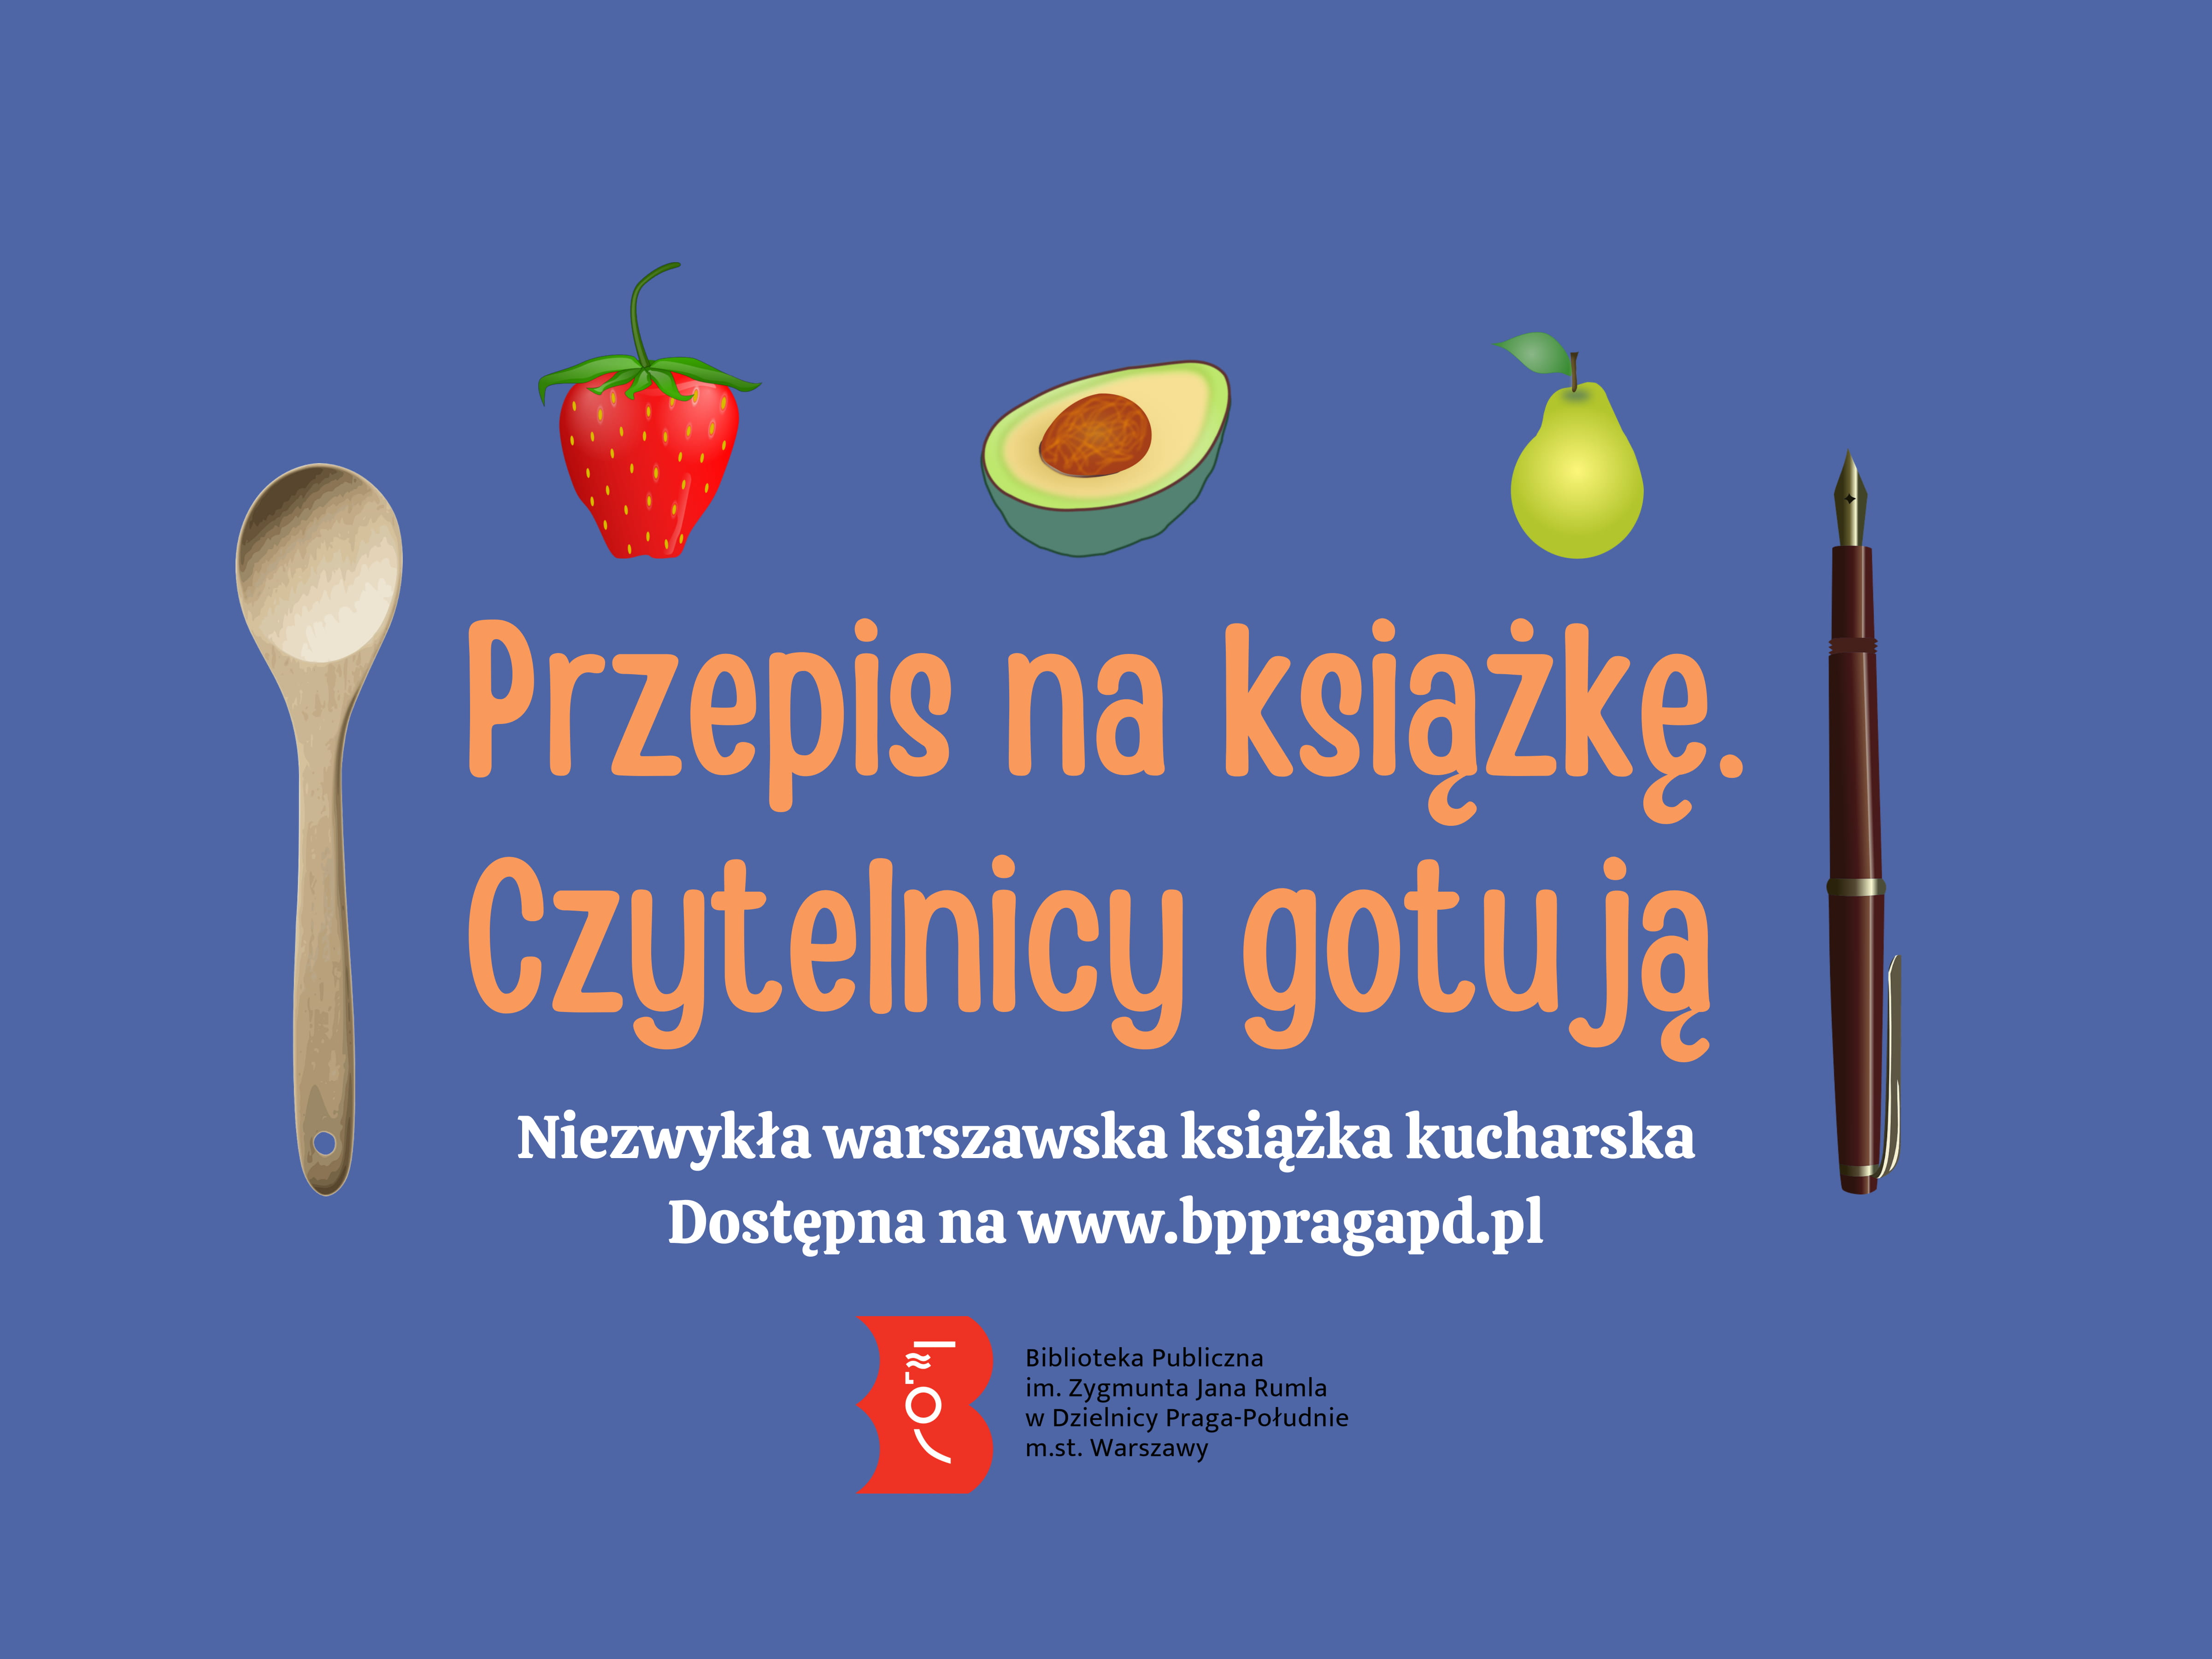 """Plakat promujący publikację """"Przepis na książkę. Czytelnicy gotują"""""""